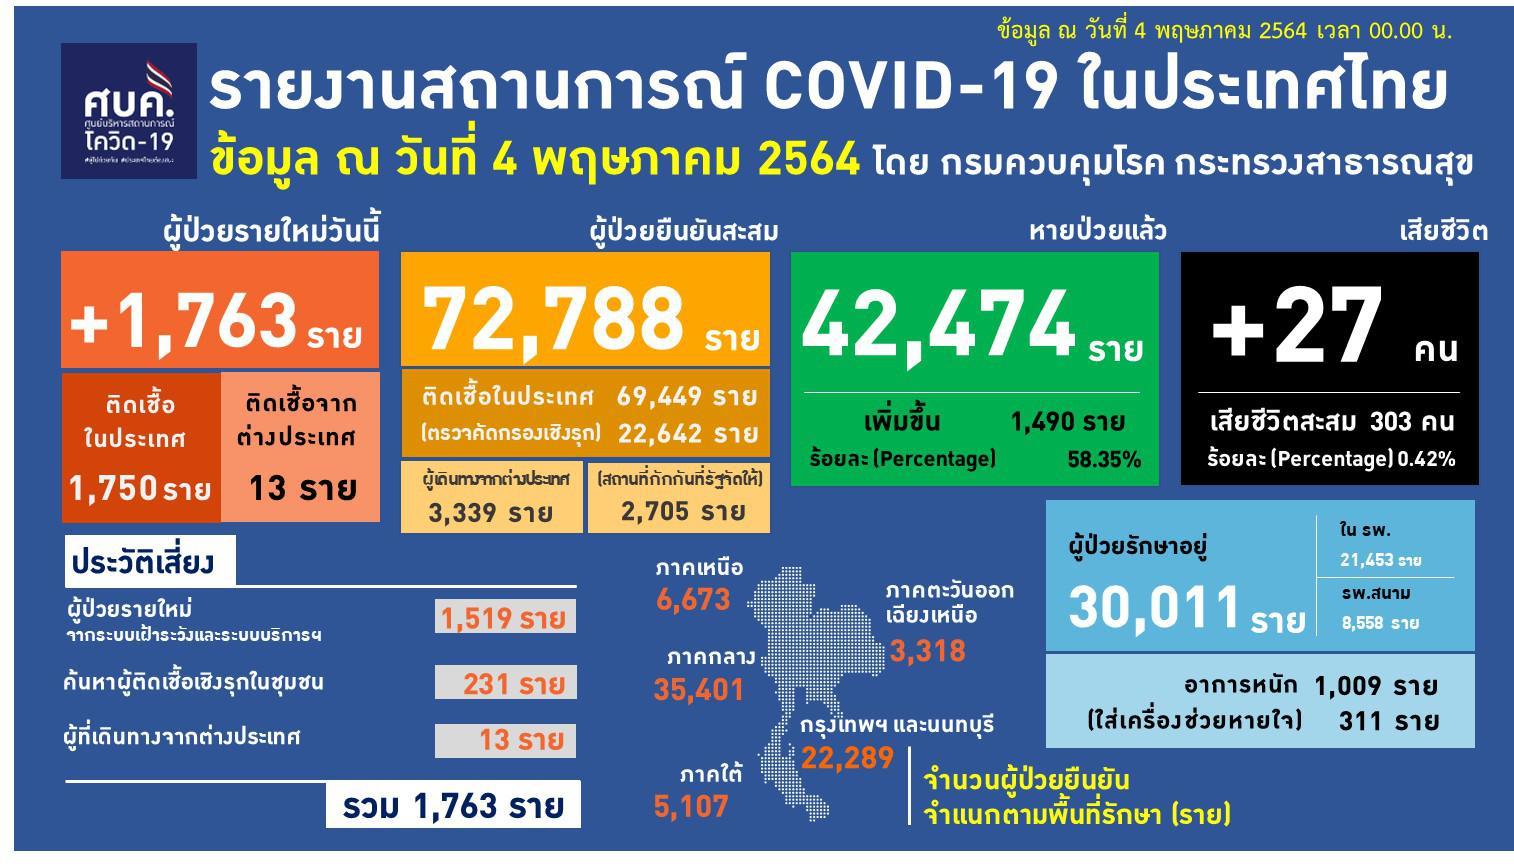 ยอดตายโควิดยังสูง วันเดียวคร่า 27 ชีวิต ติดเชื้ออีก 1,763 ราย